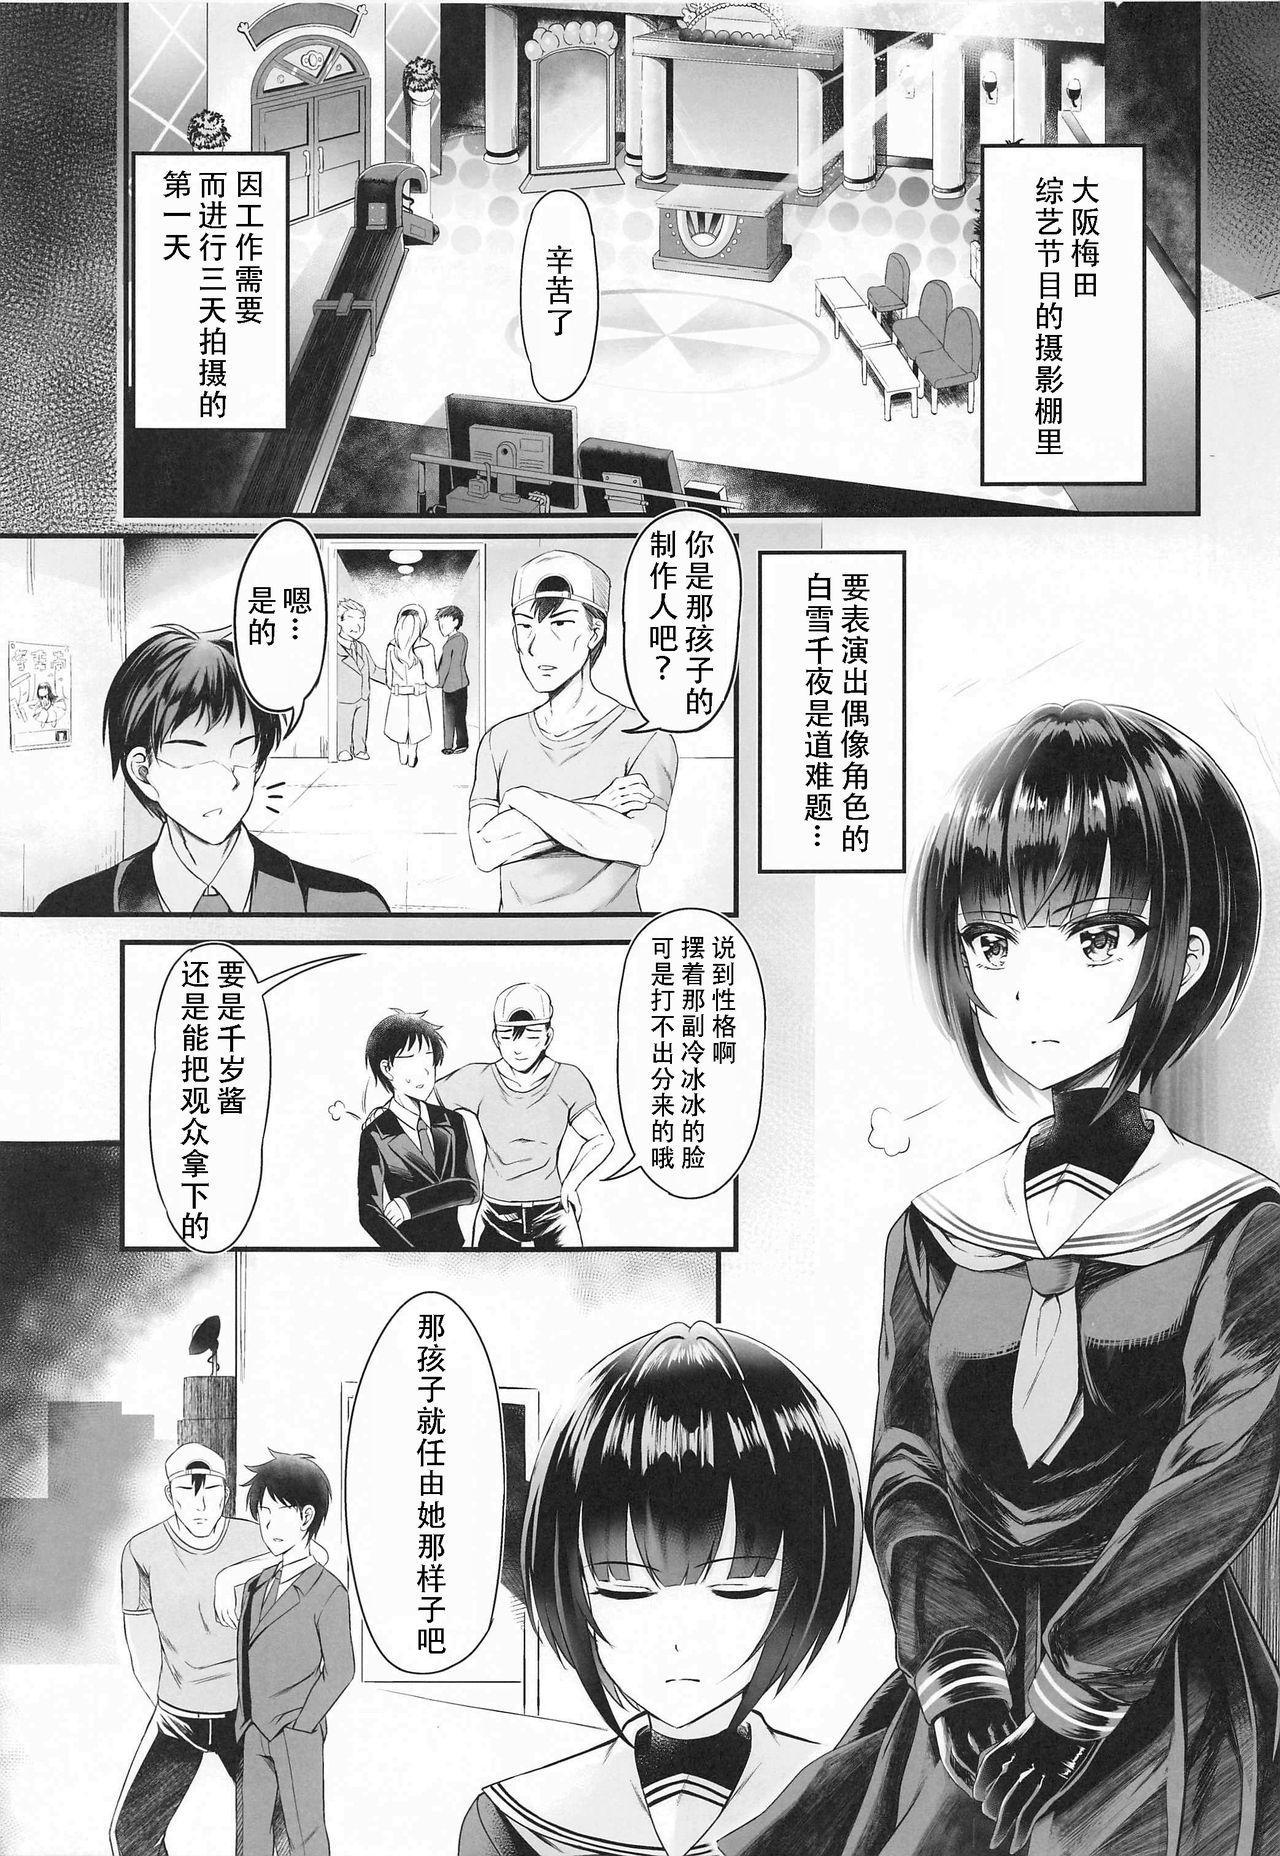 Koi no Maho to Shirayukihime 4